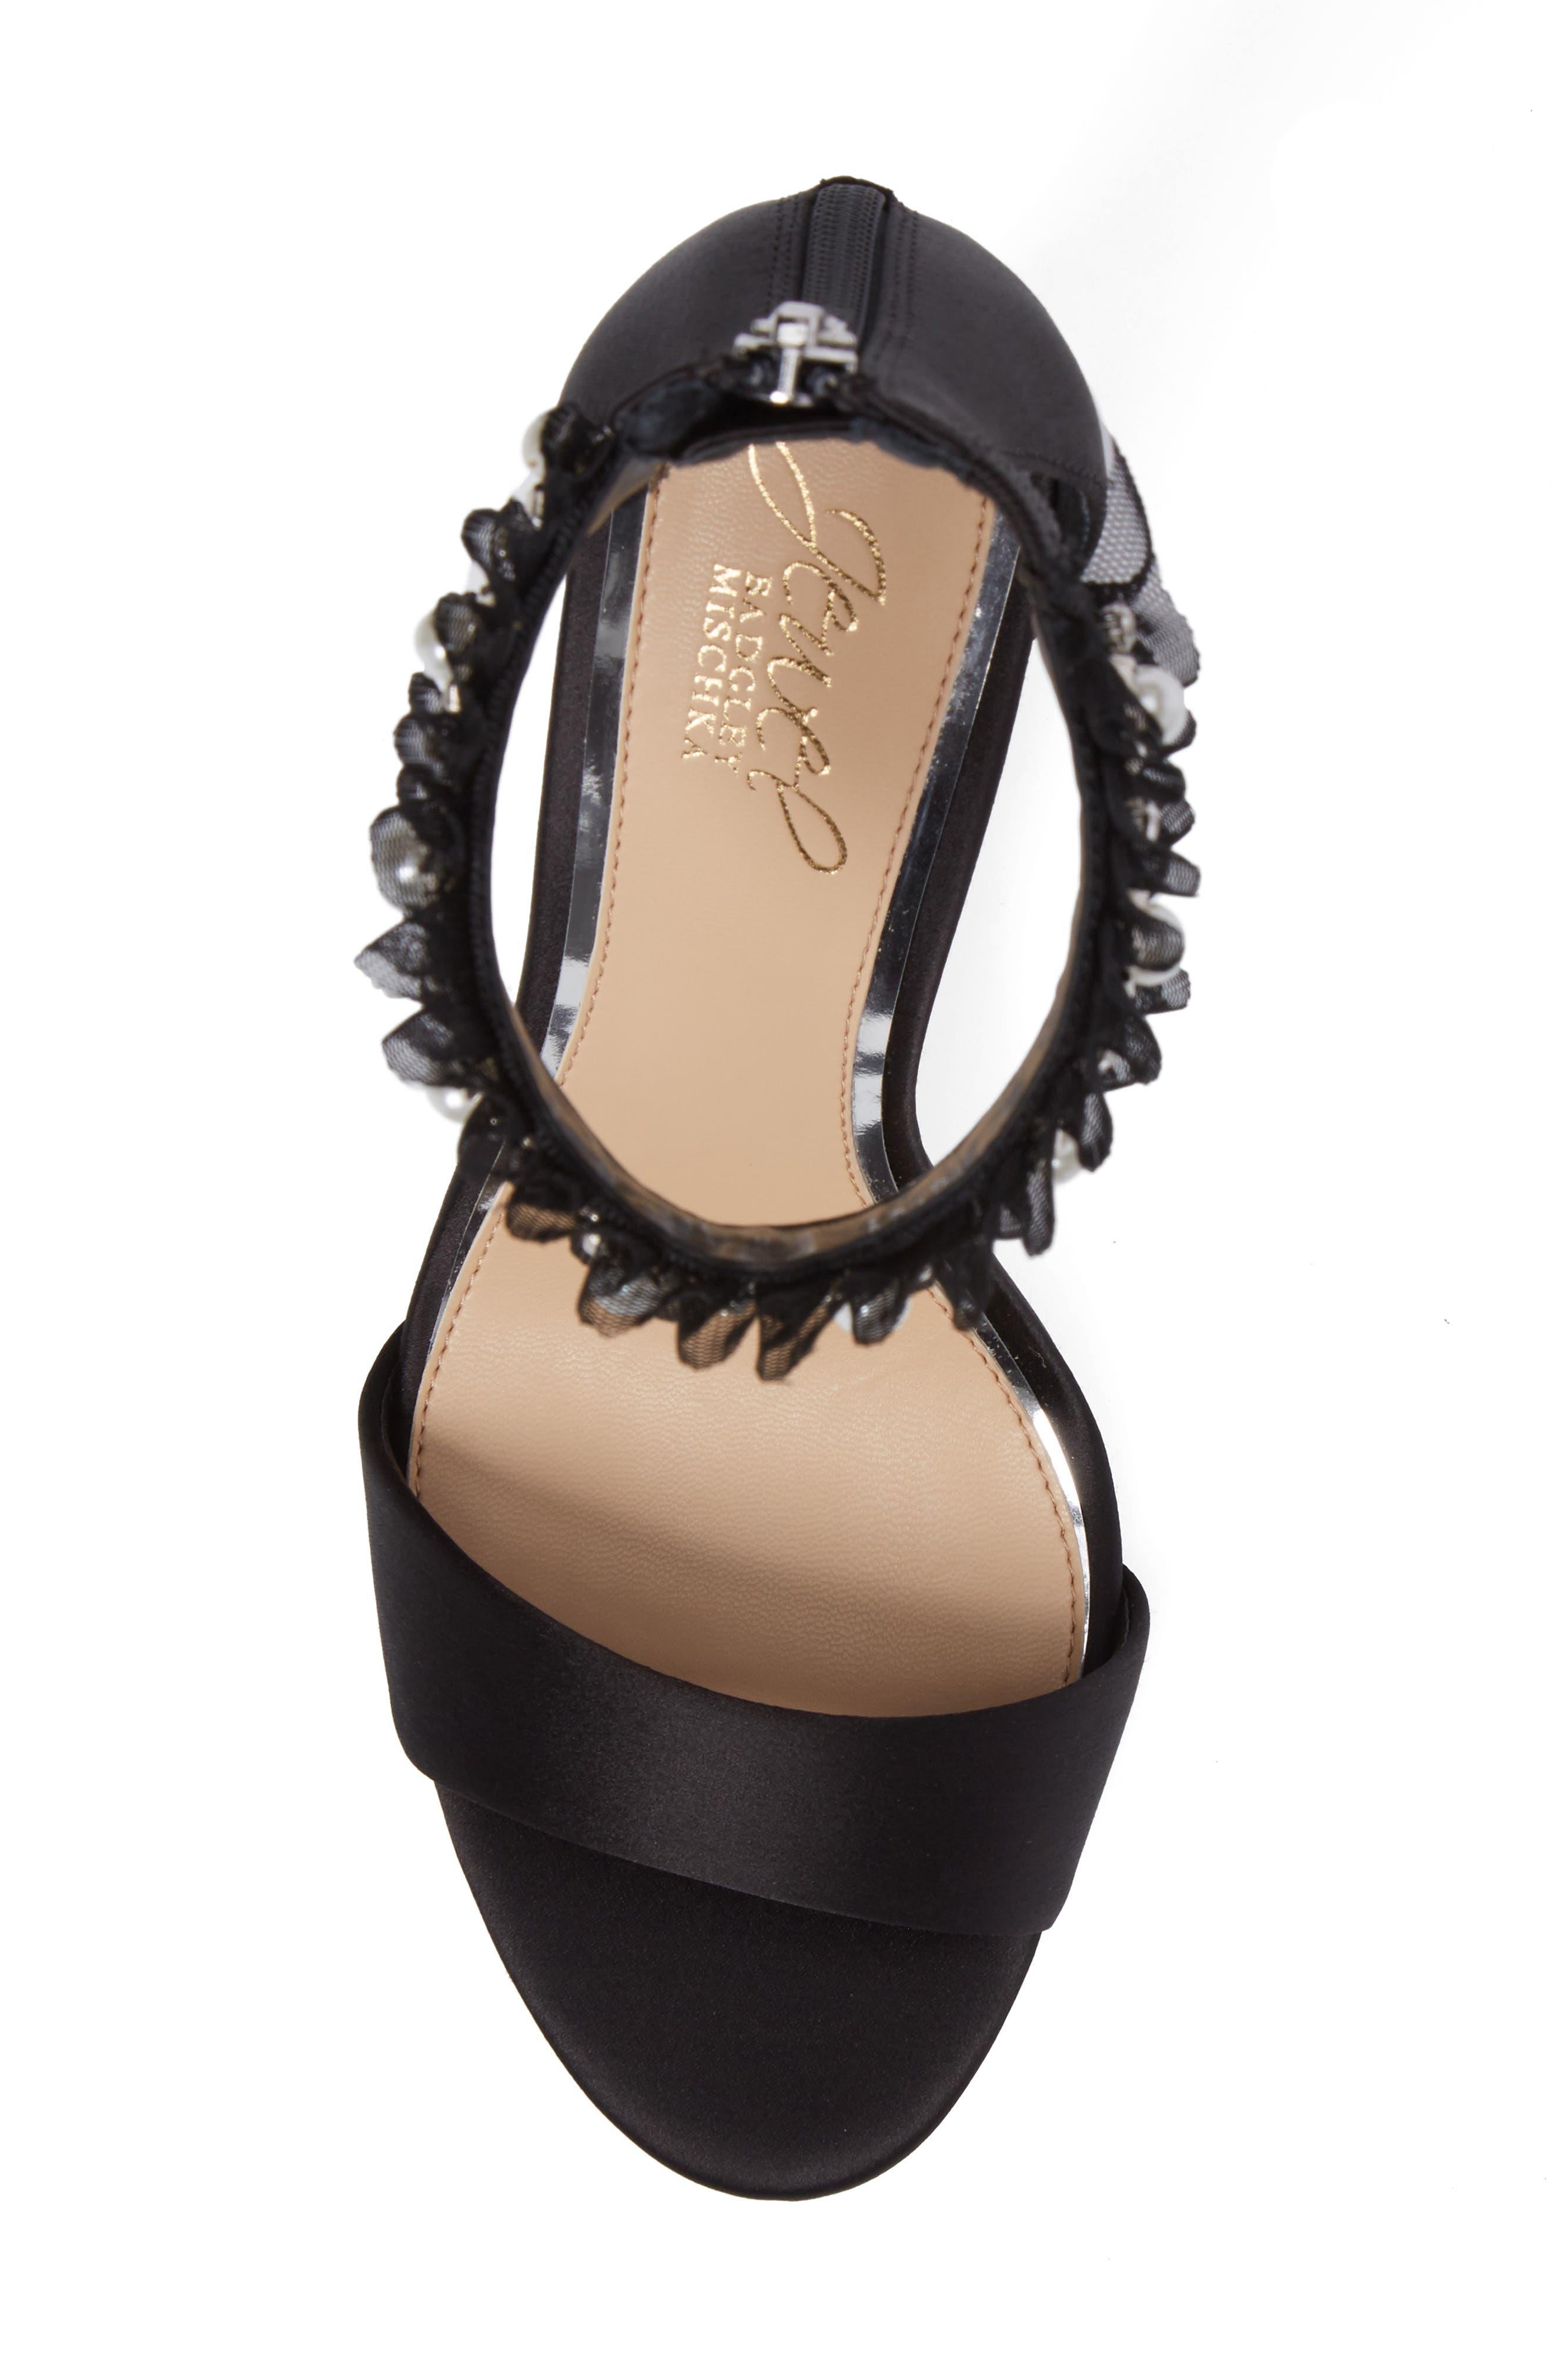 Abagail Embellished Ankle Strap Sandal,                             Alternate thumbnail 5, color,                             Black Satin